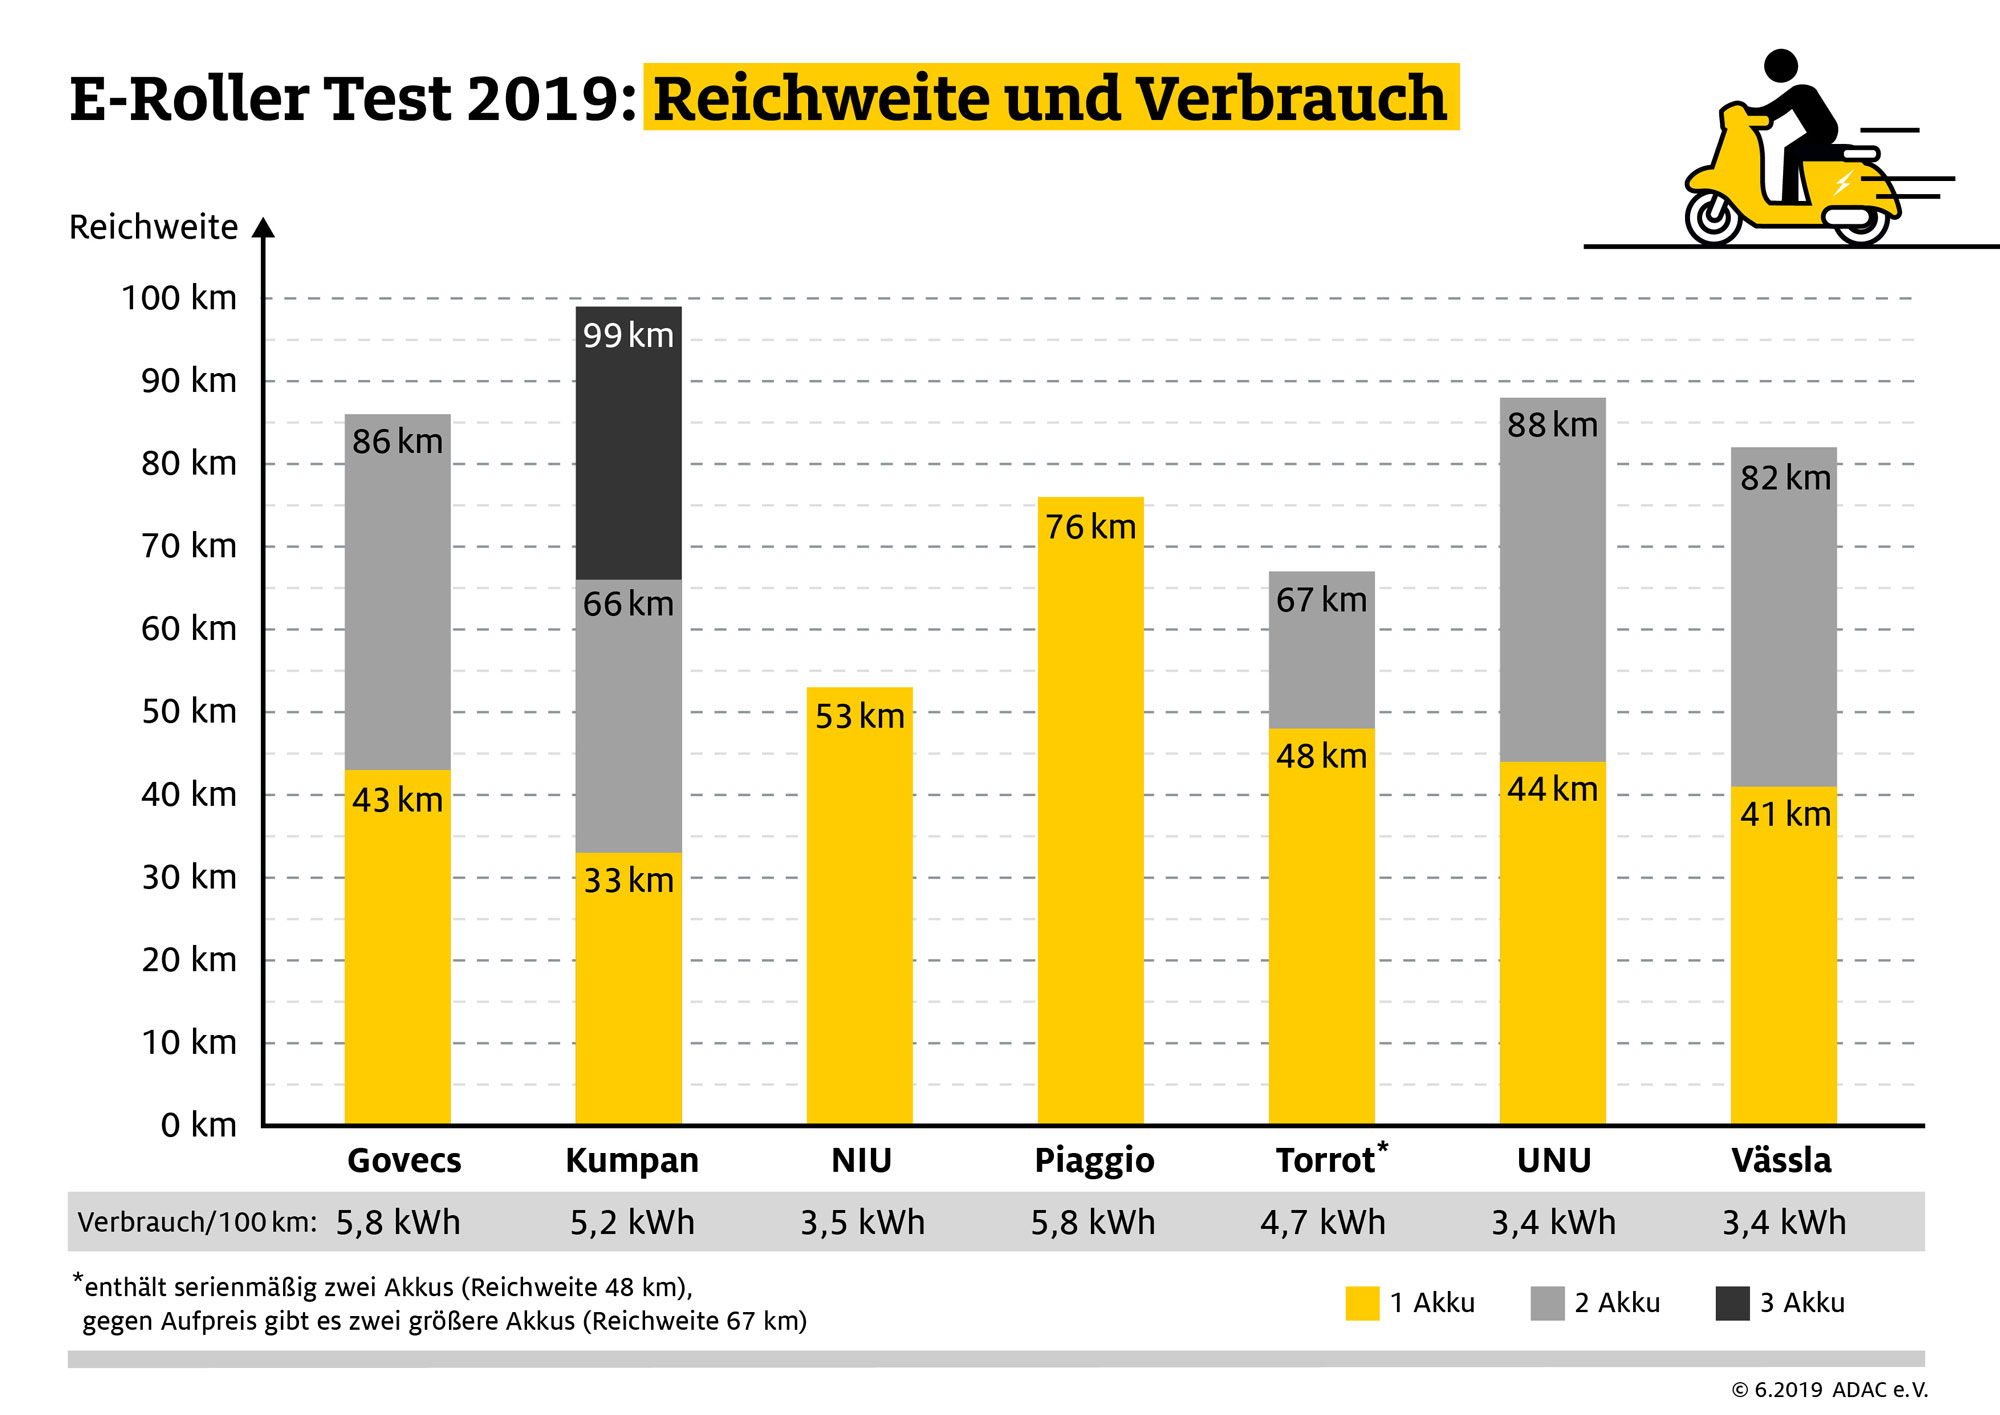 ADAC-E-Roller-Test-2019-Reichweite